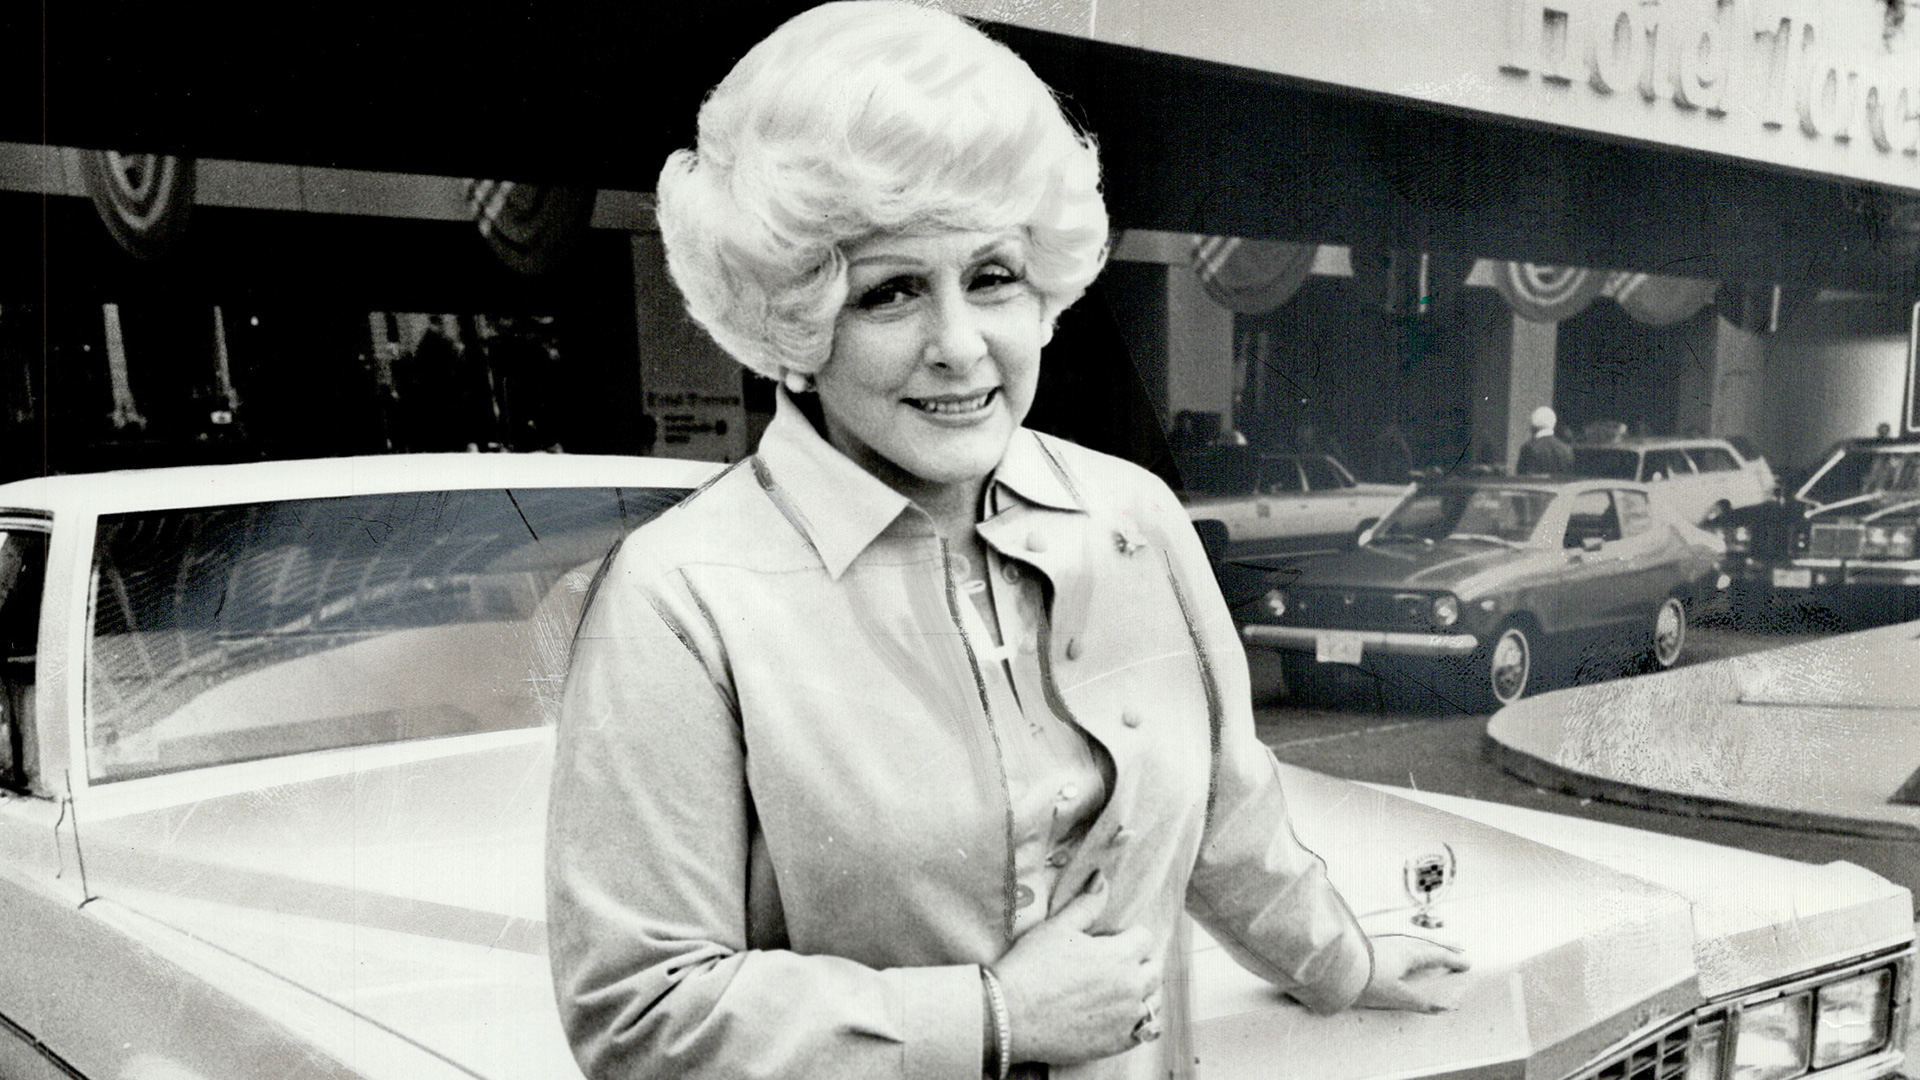 May 12, 1918: Mary Kay Ash, Founder of Mary Kay Cosmetics, Was Born